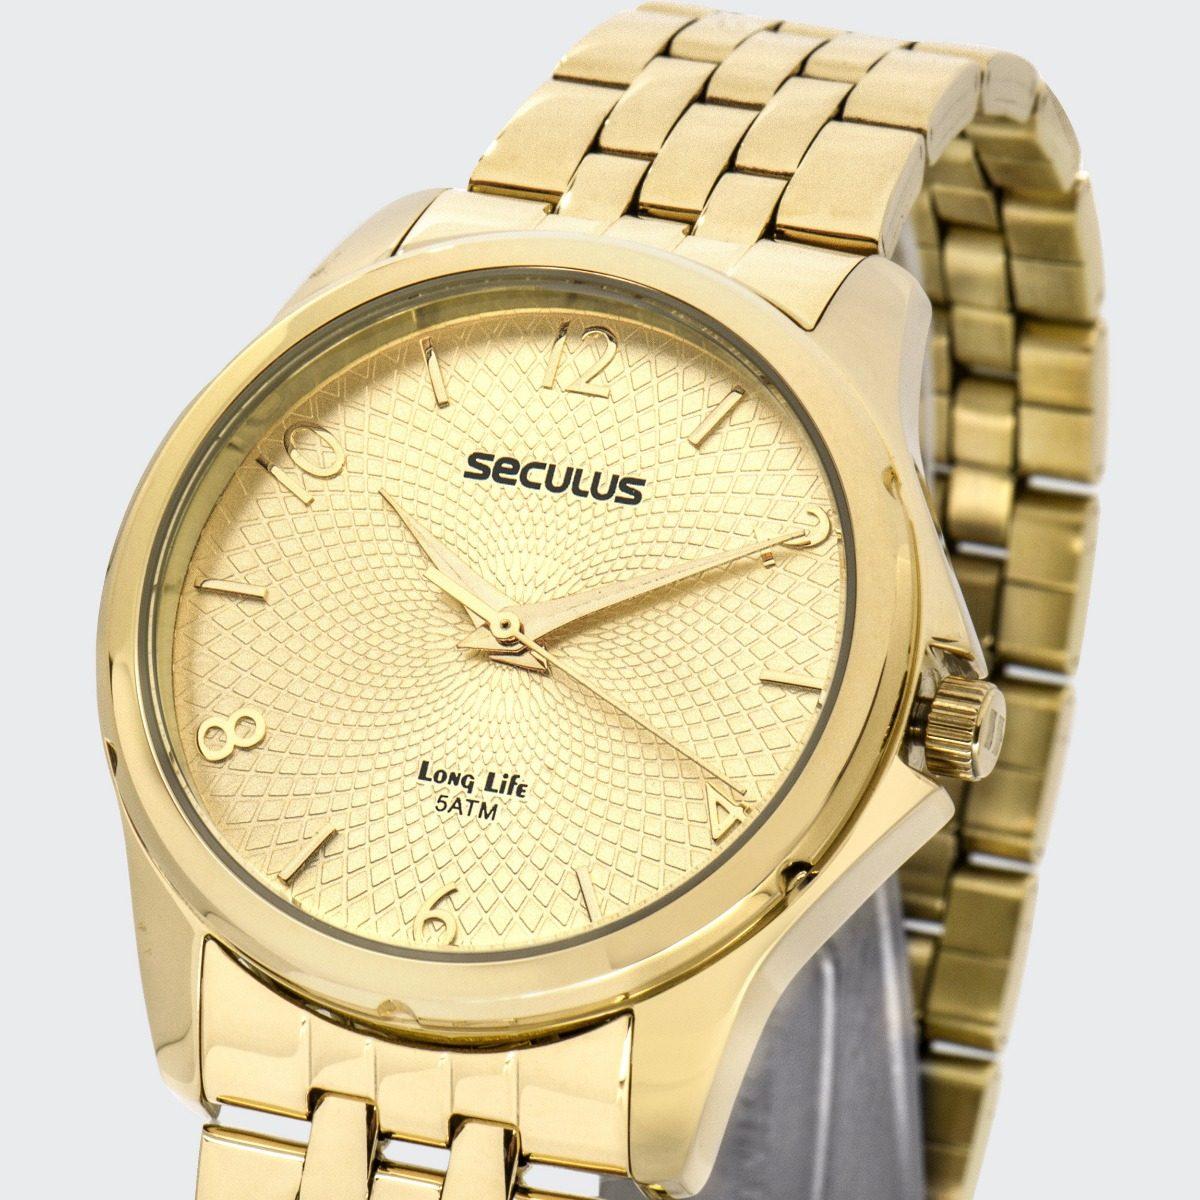 6154cf7c114 Relógio Seculus Feminino Long Life 20535lpsvda1 - R  155